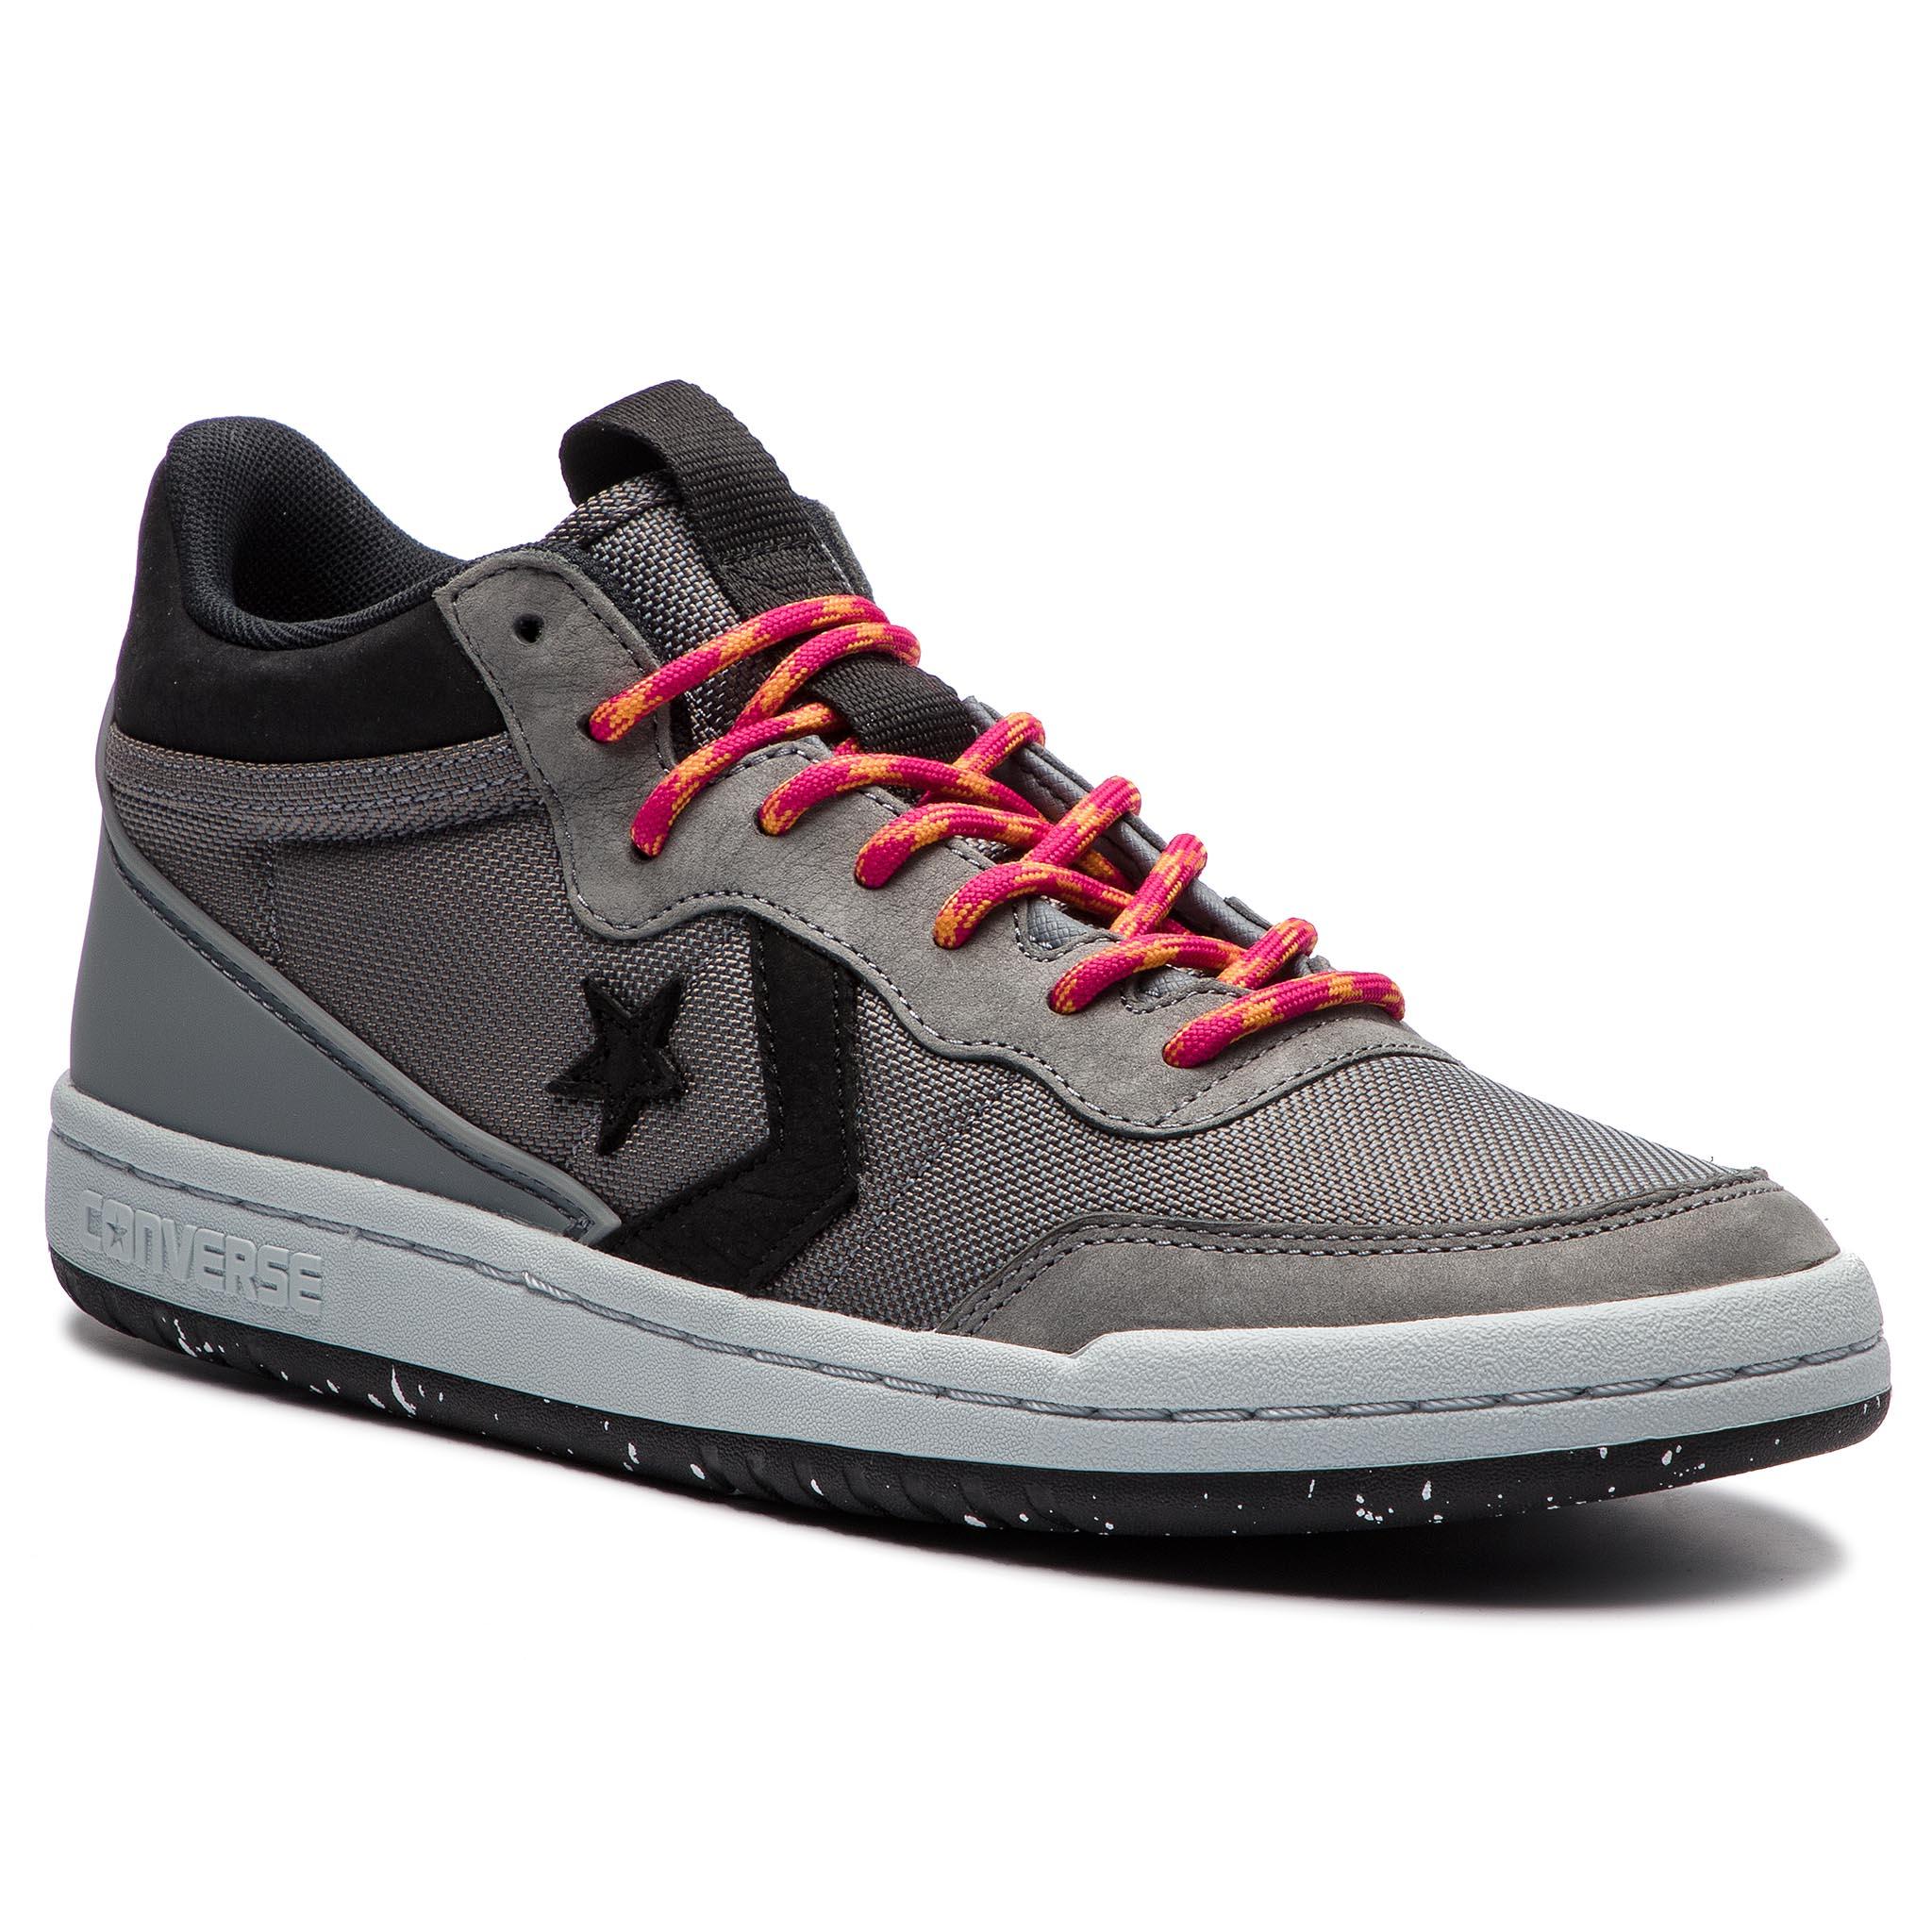 Fastbreak Converse Blackblackwhite Sneakers Mid 160577c wk8n0OP